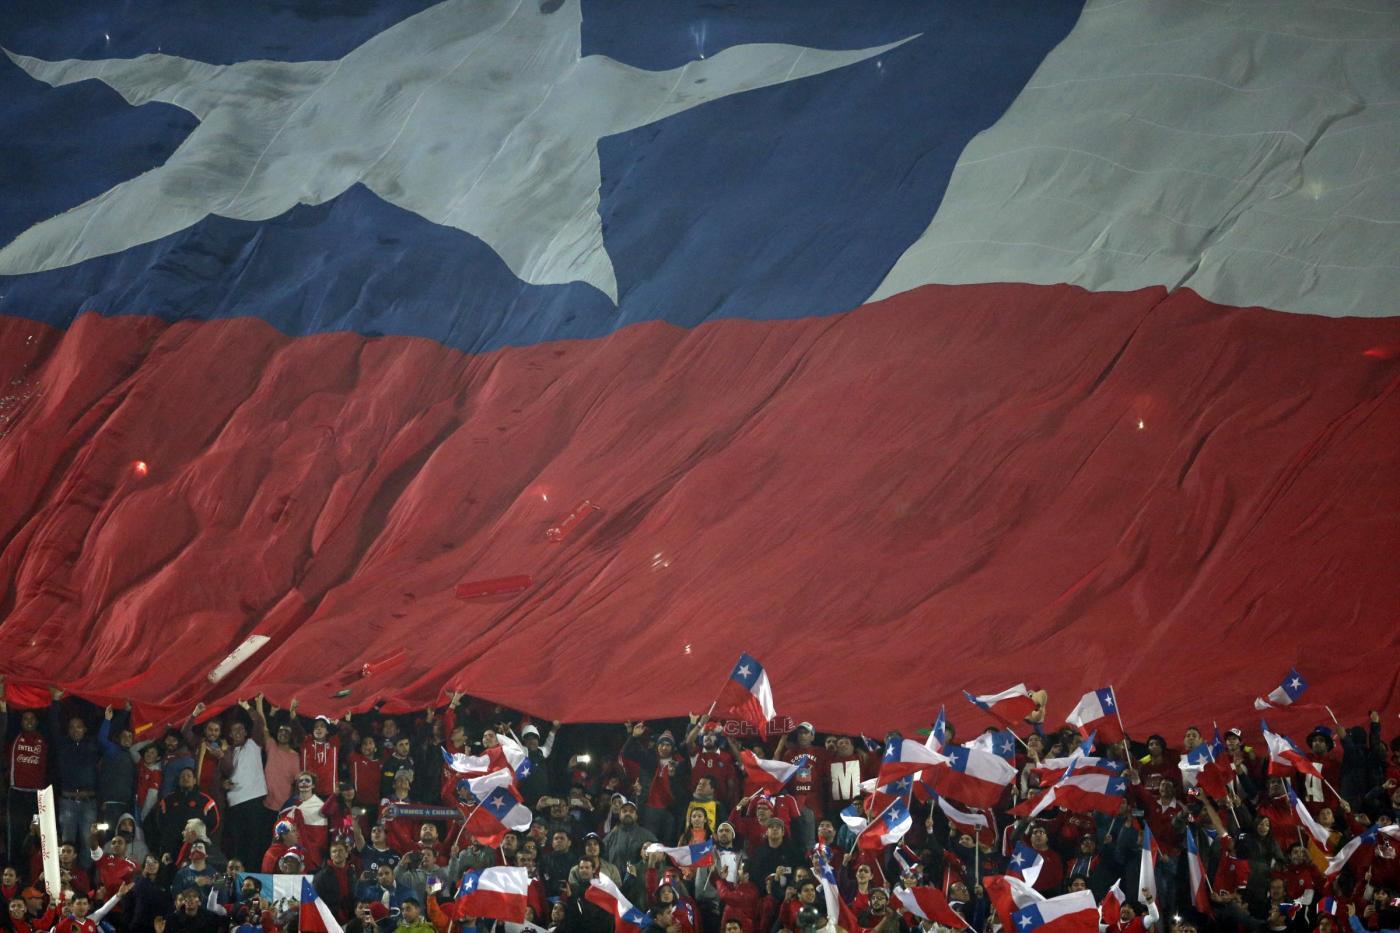 Cile Coppa giovedì 13 giugno. In Cile ritorno dei 16esimi di finale della coppa nazionale. In palio la qualificazione agli ottavi